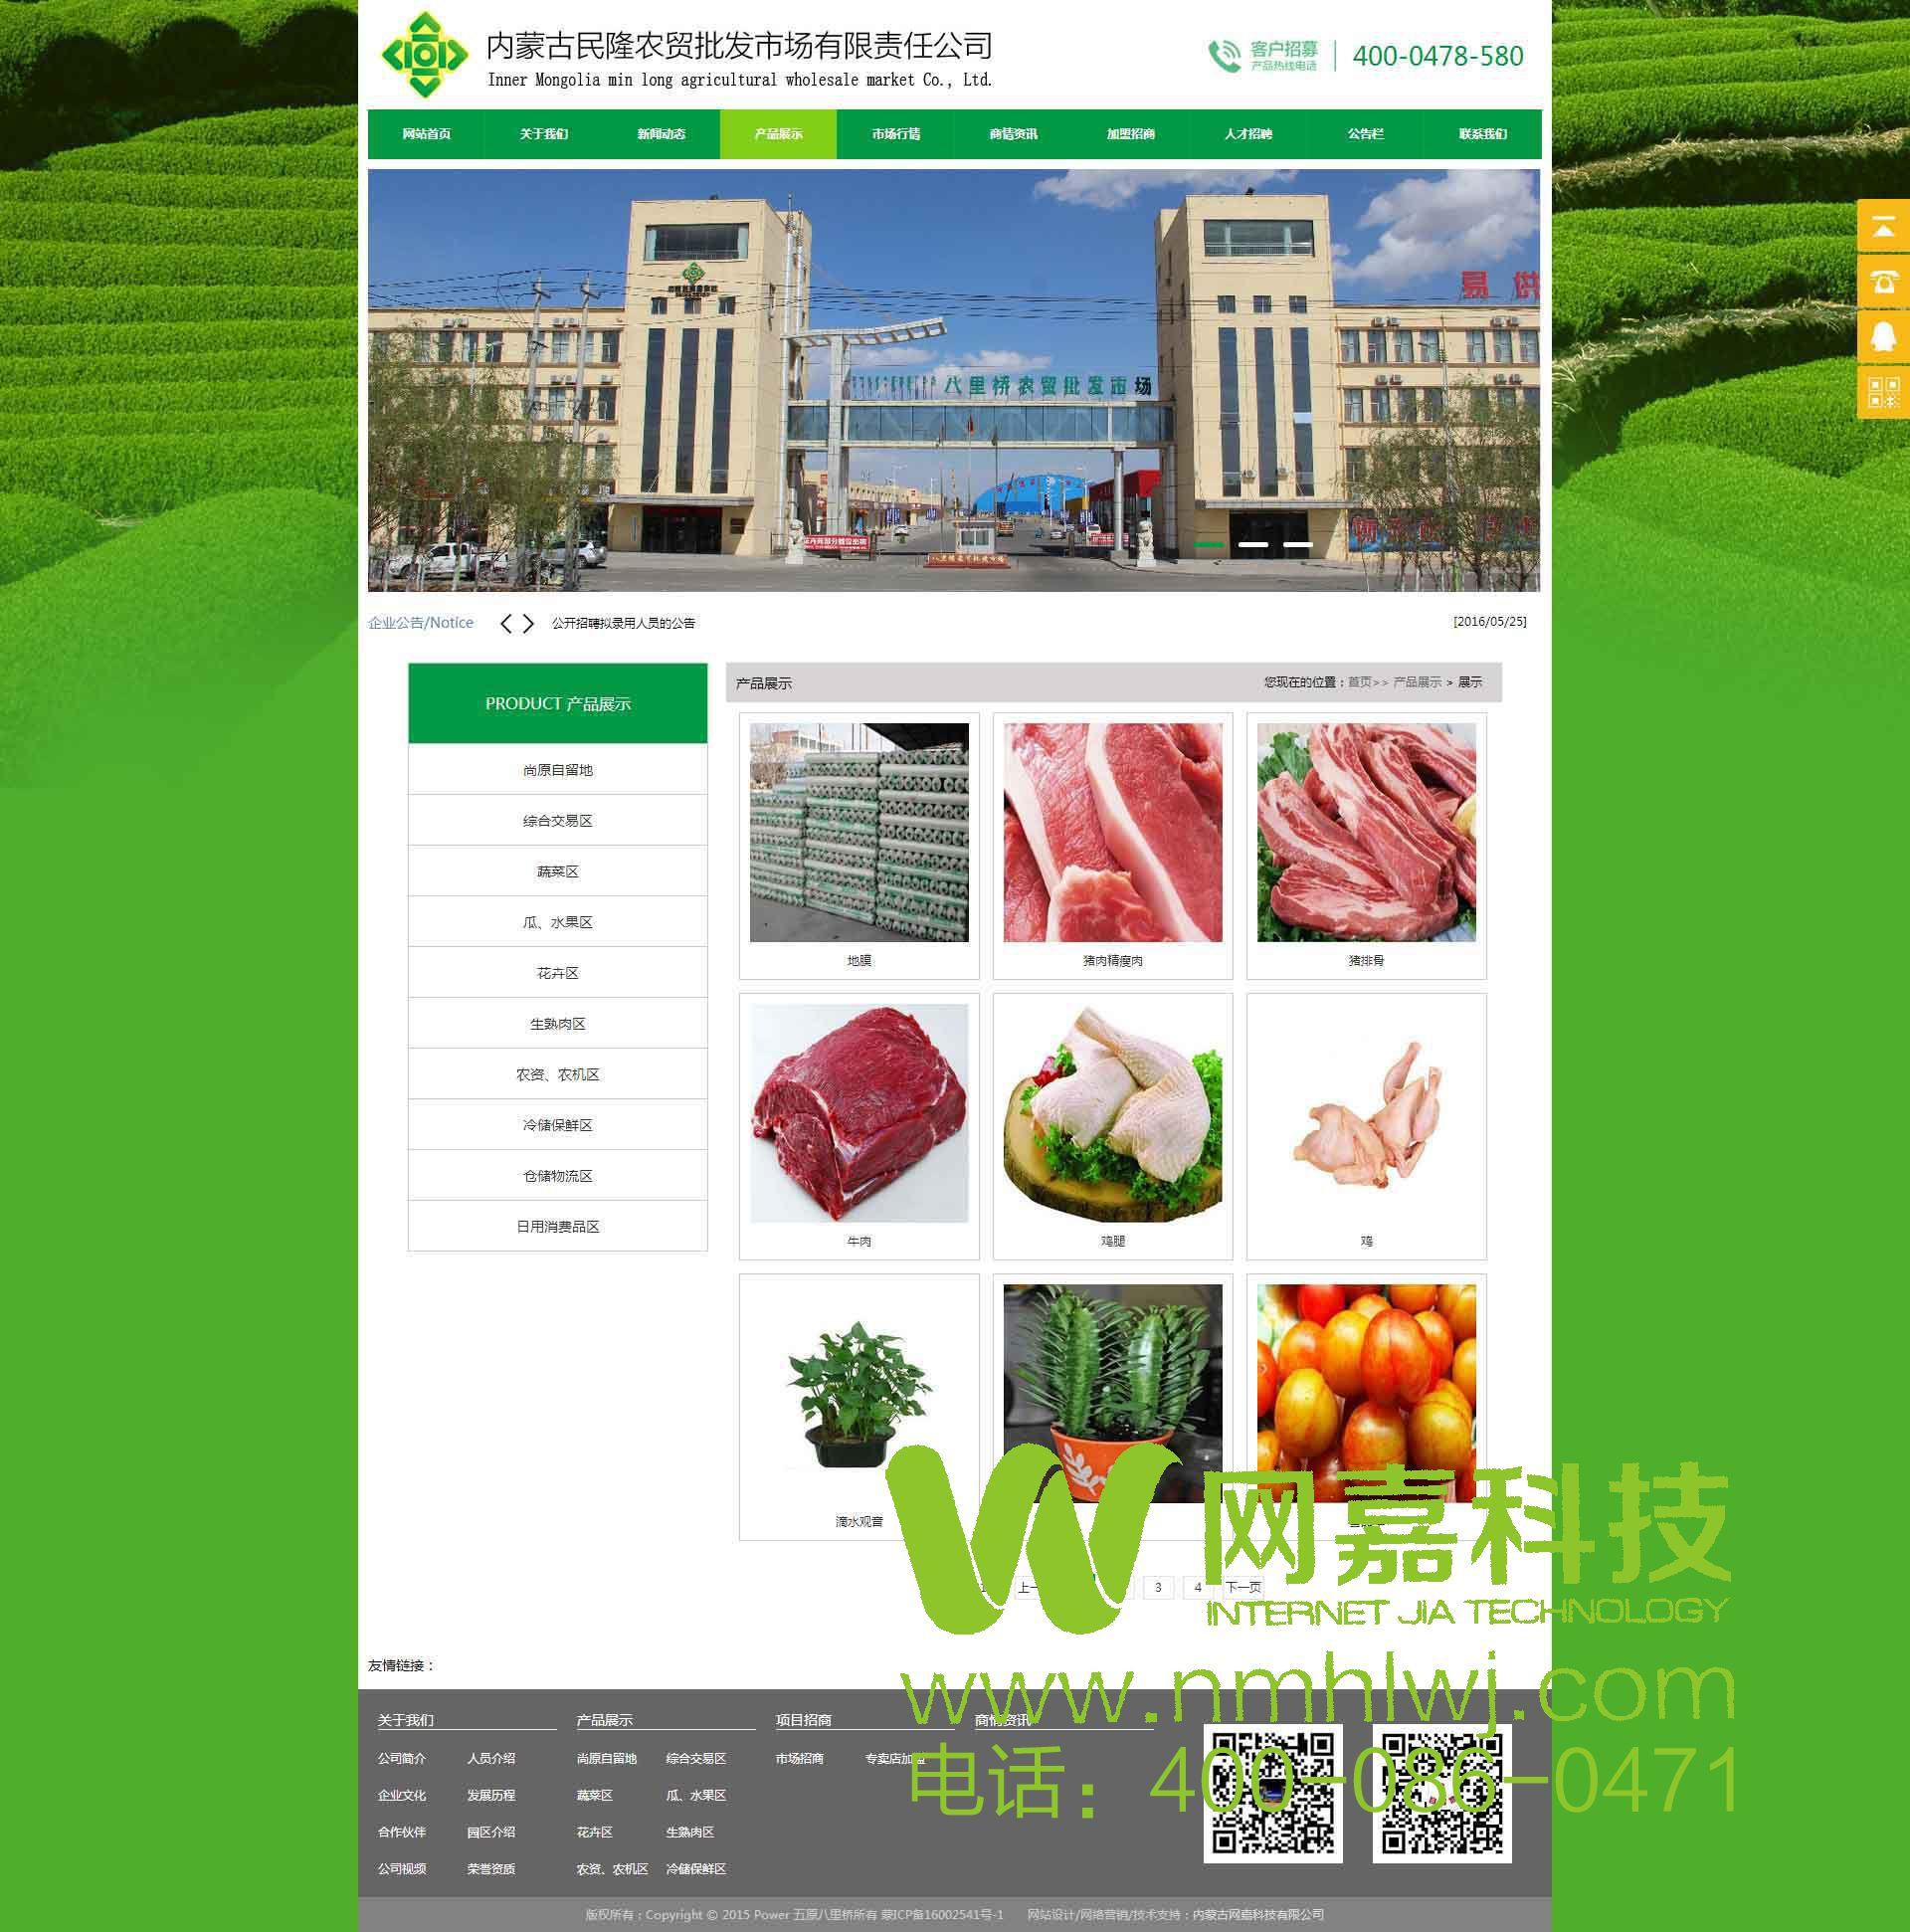 内蒙古网站建设案例